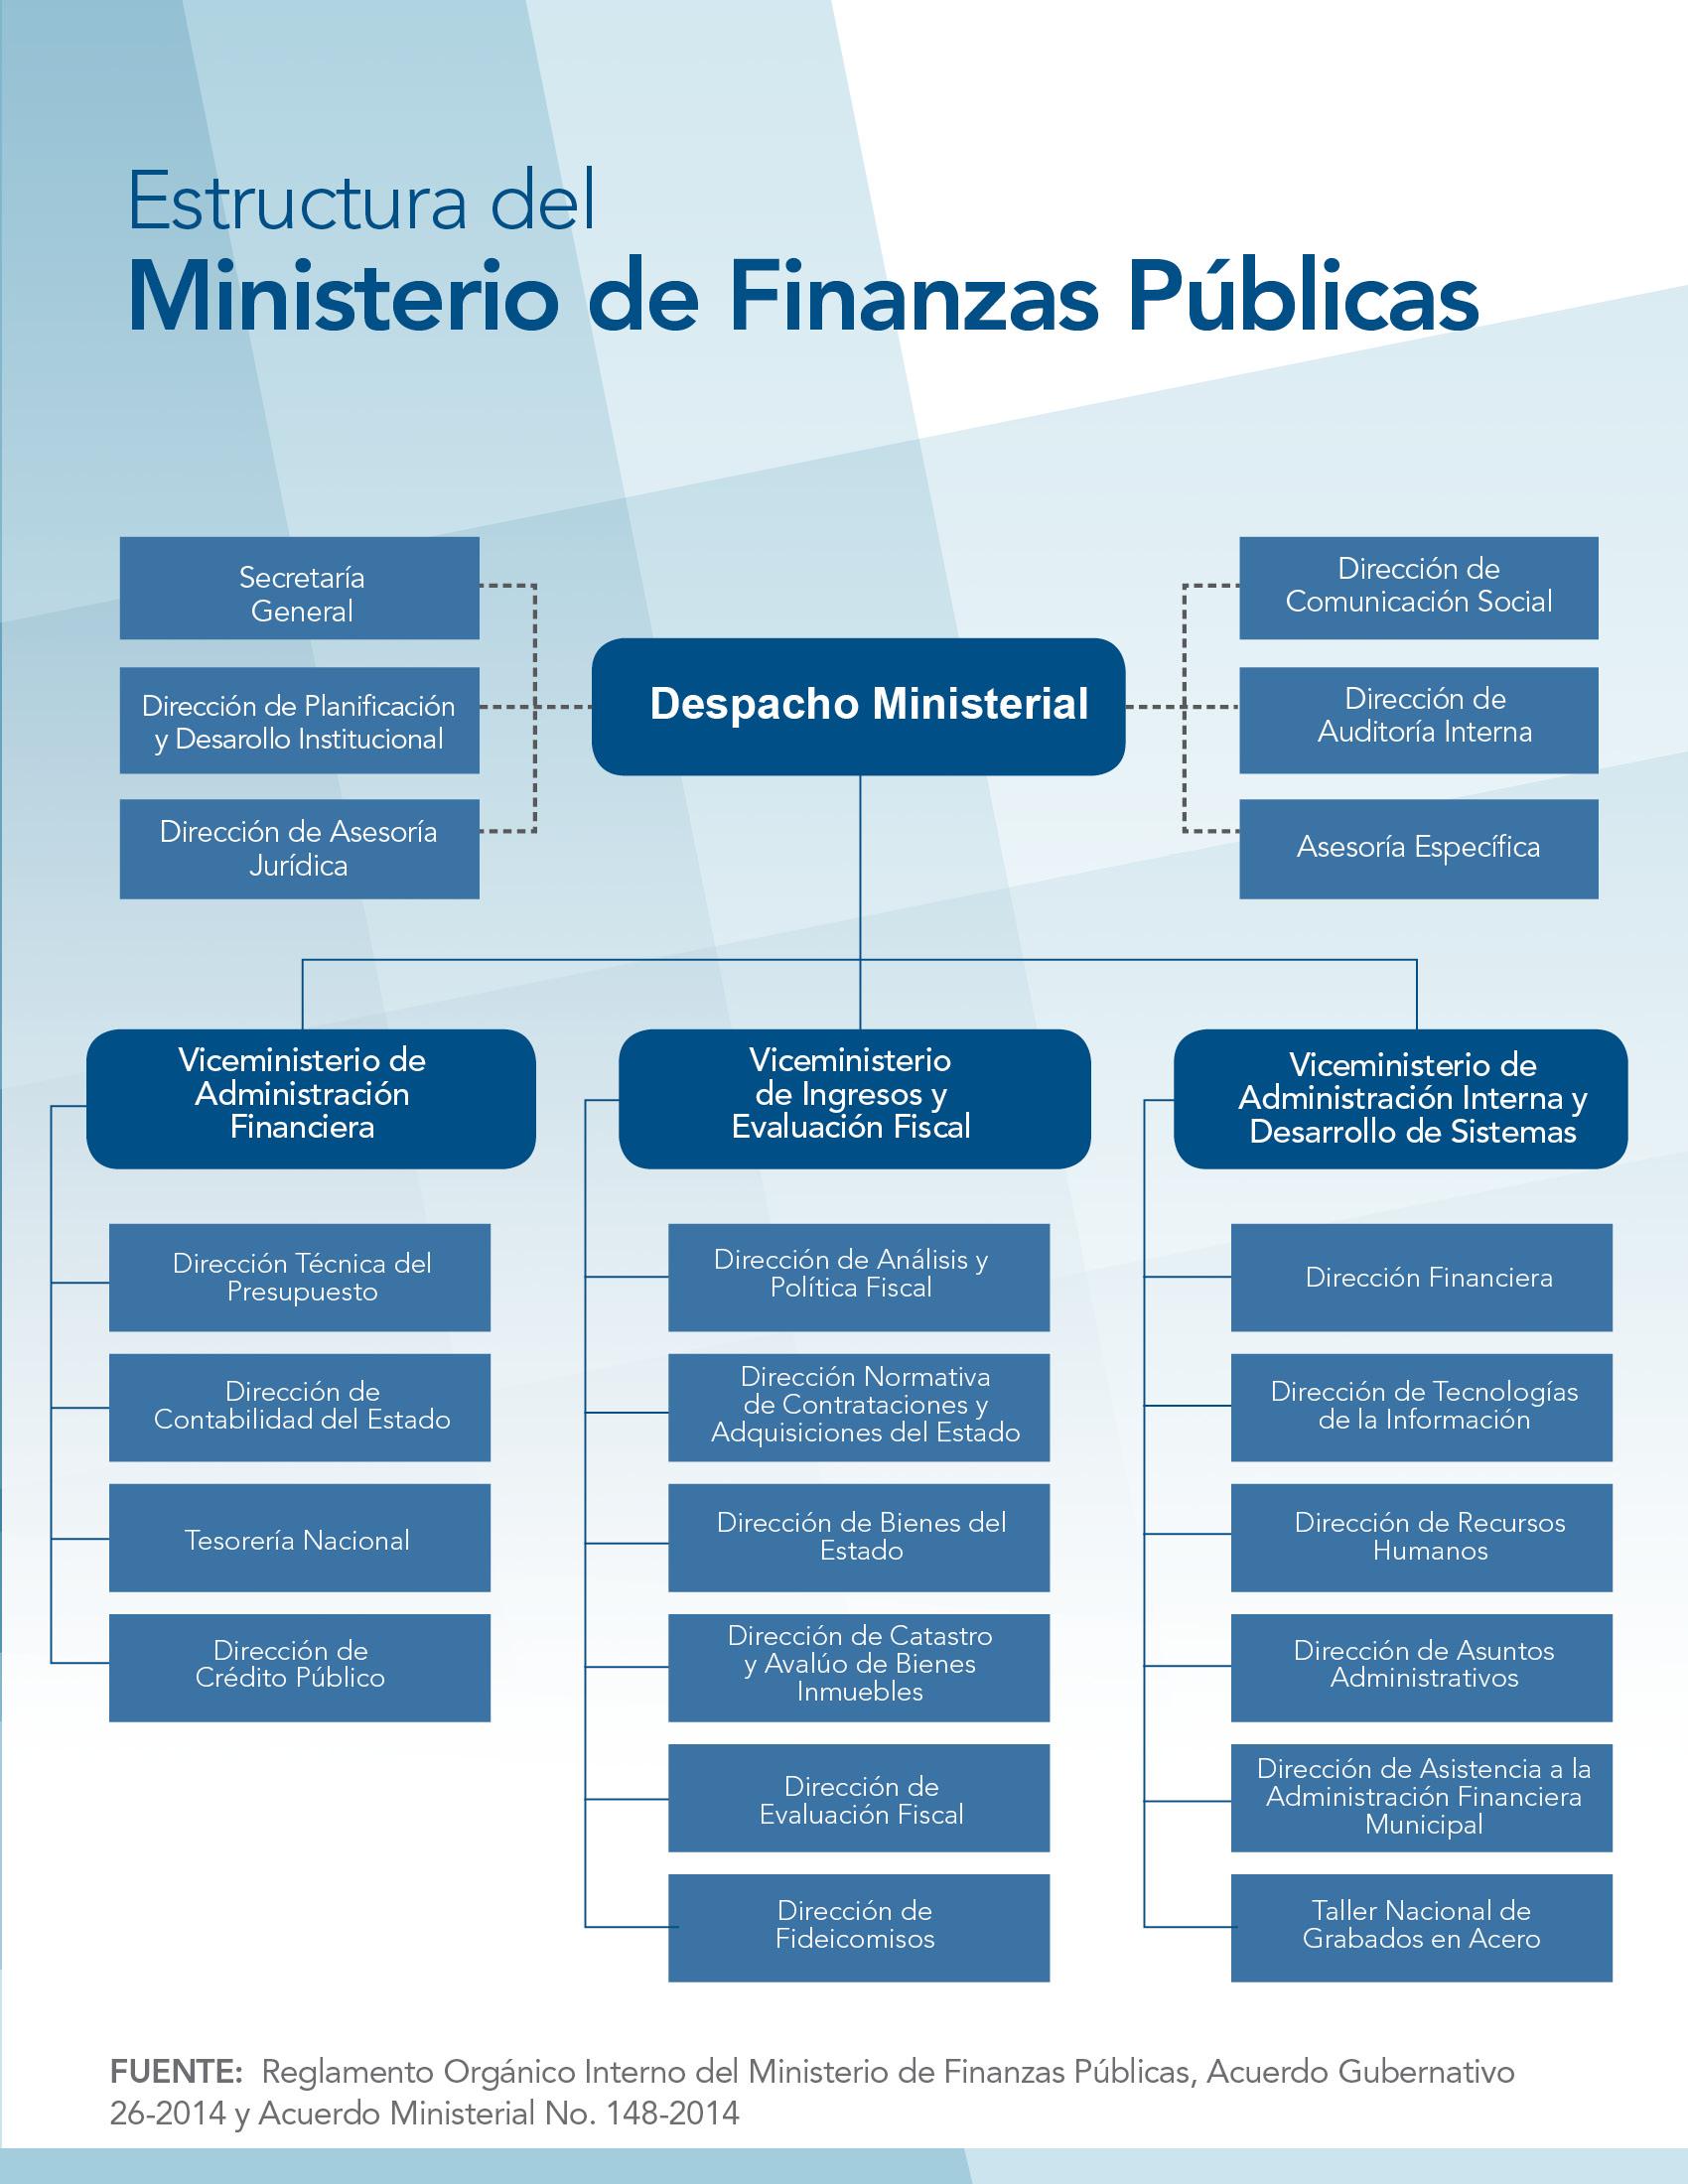 Organigrama for Ministerio del interior estructura